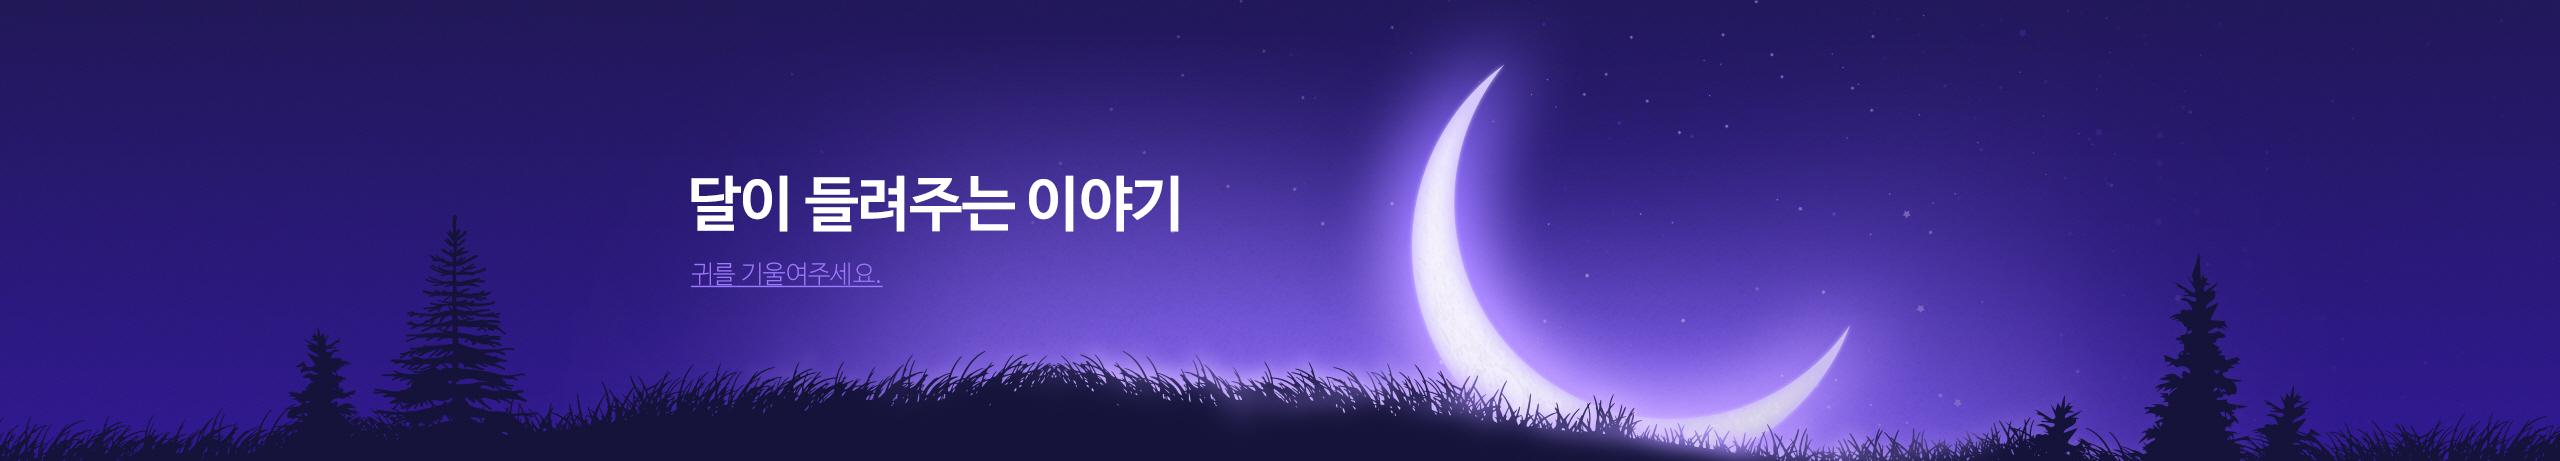 달이 들려주는 이야기